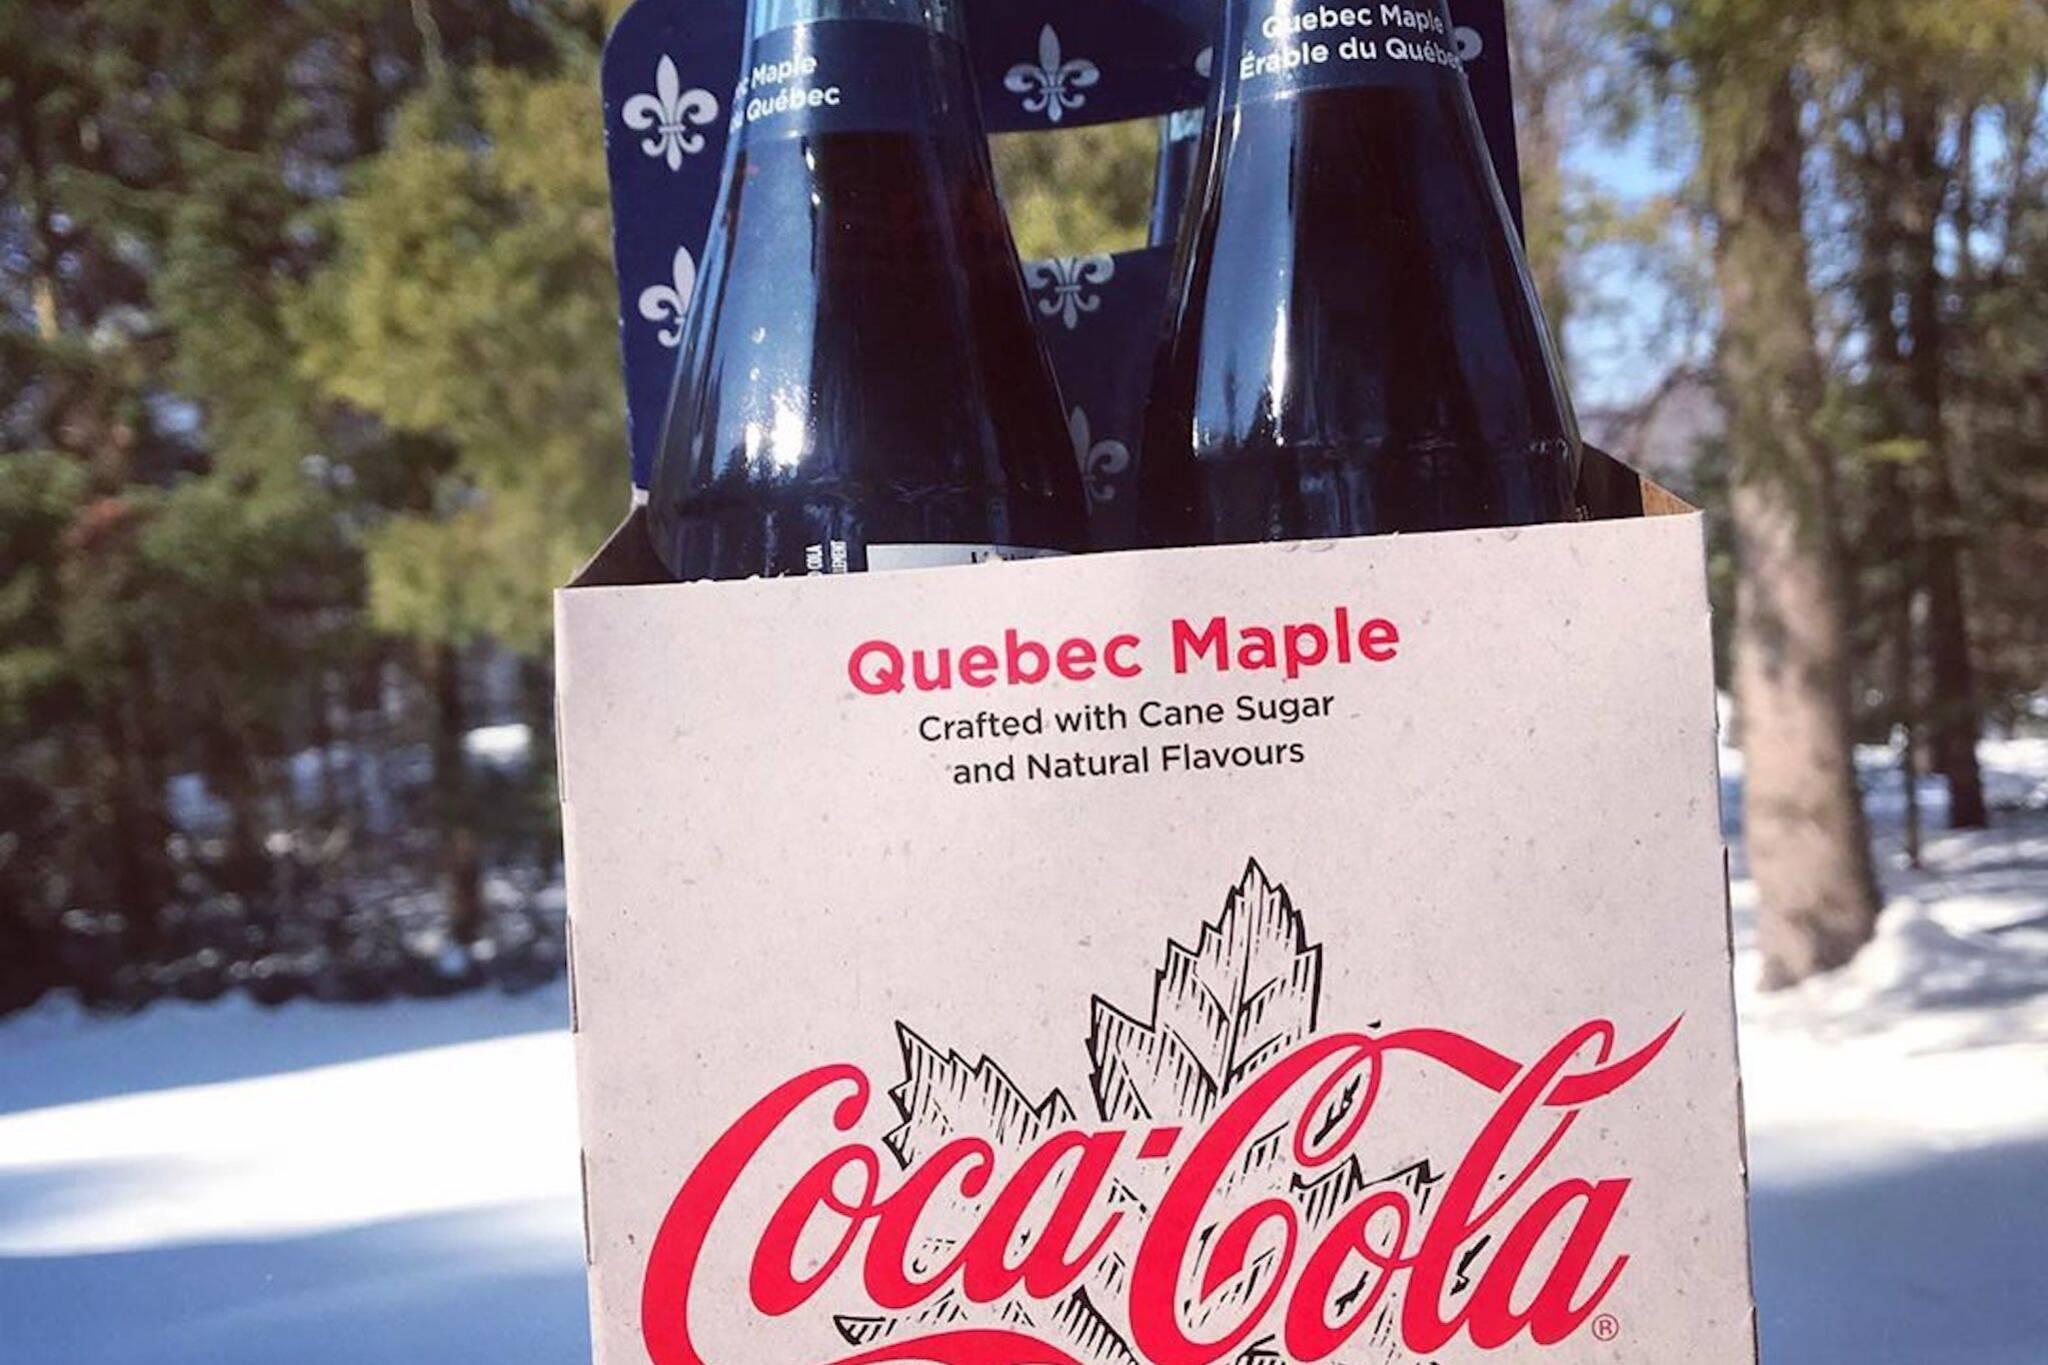 coca cola quebec maple